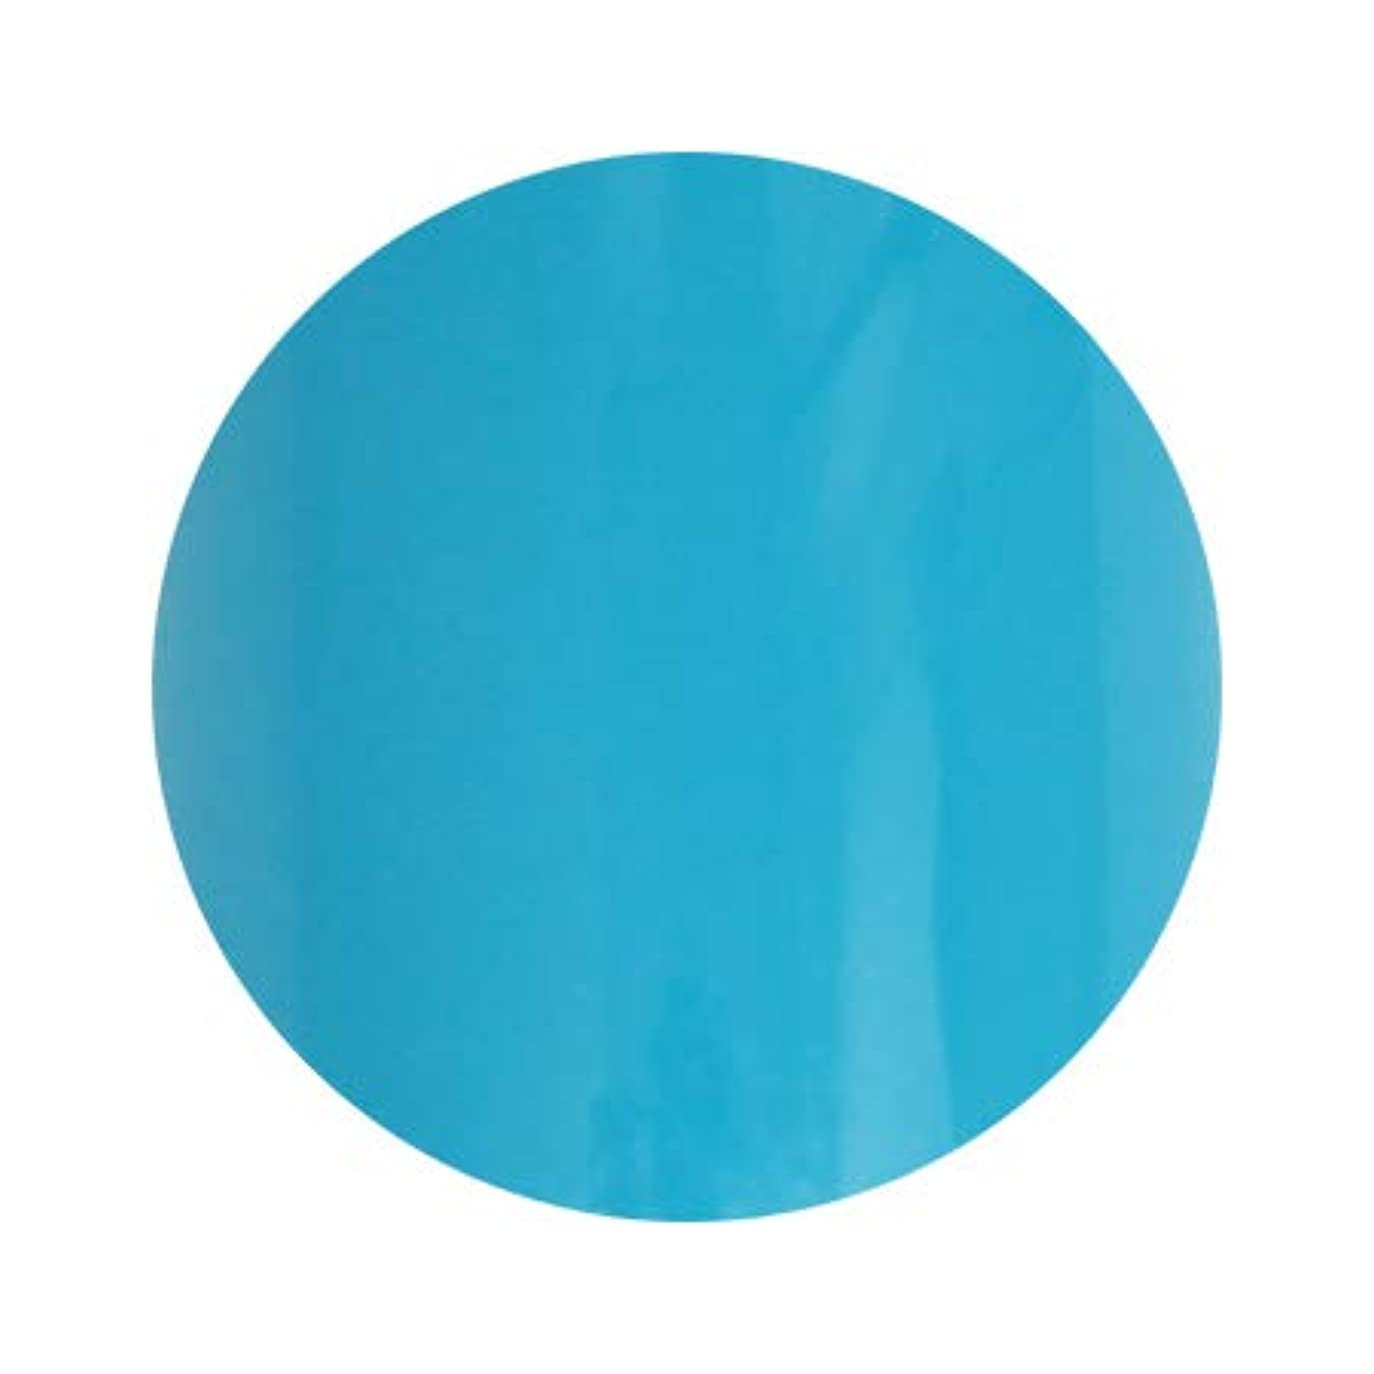 ひまわりウィザード第四LUCU GEL ルクジェル カラー BLM14 ネイティブブルー 3.5g